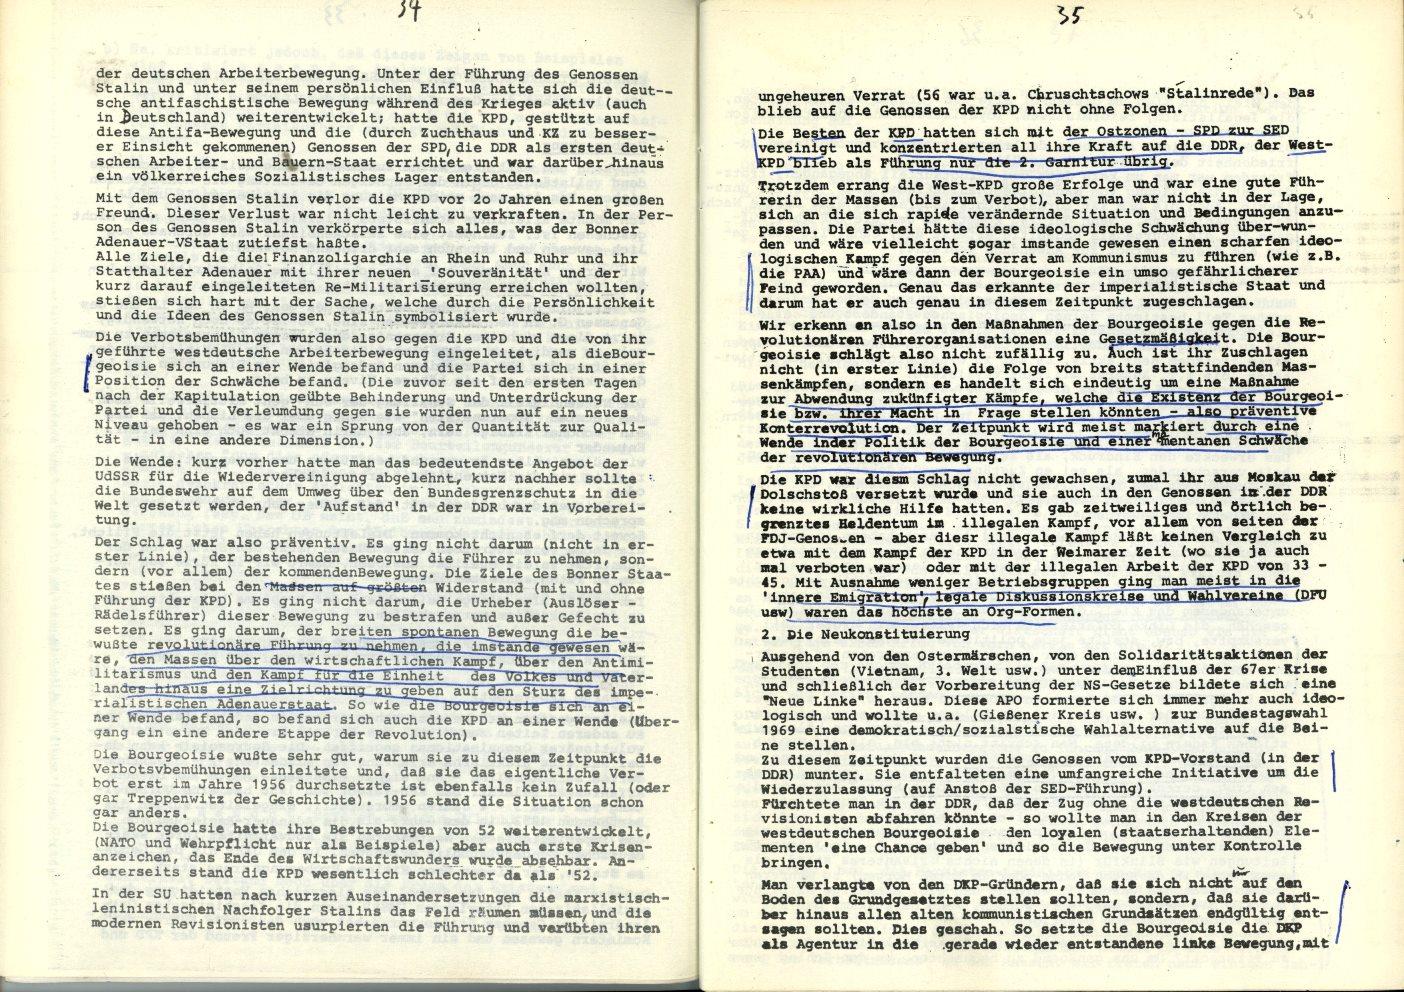 ZB_1972_Diskussionsorgan_zur_ersten_Parteikonferenz_20